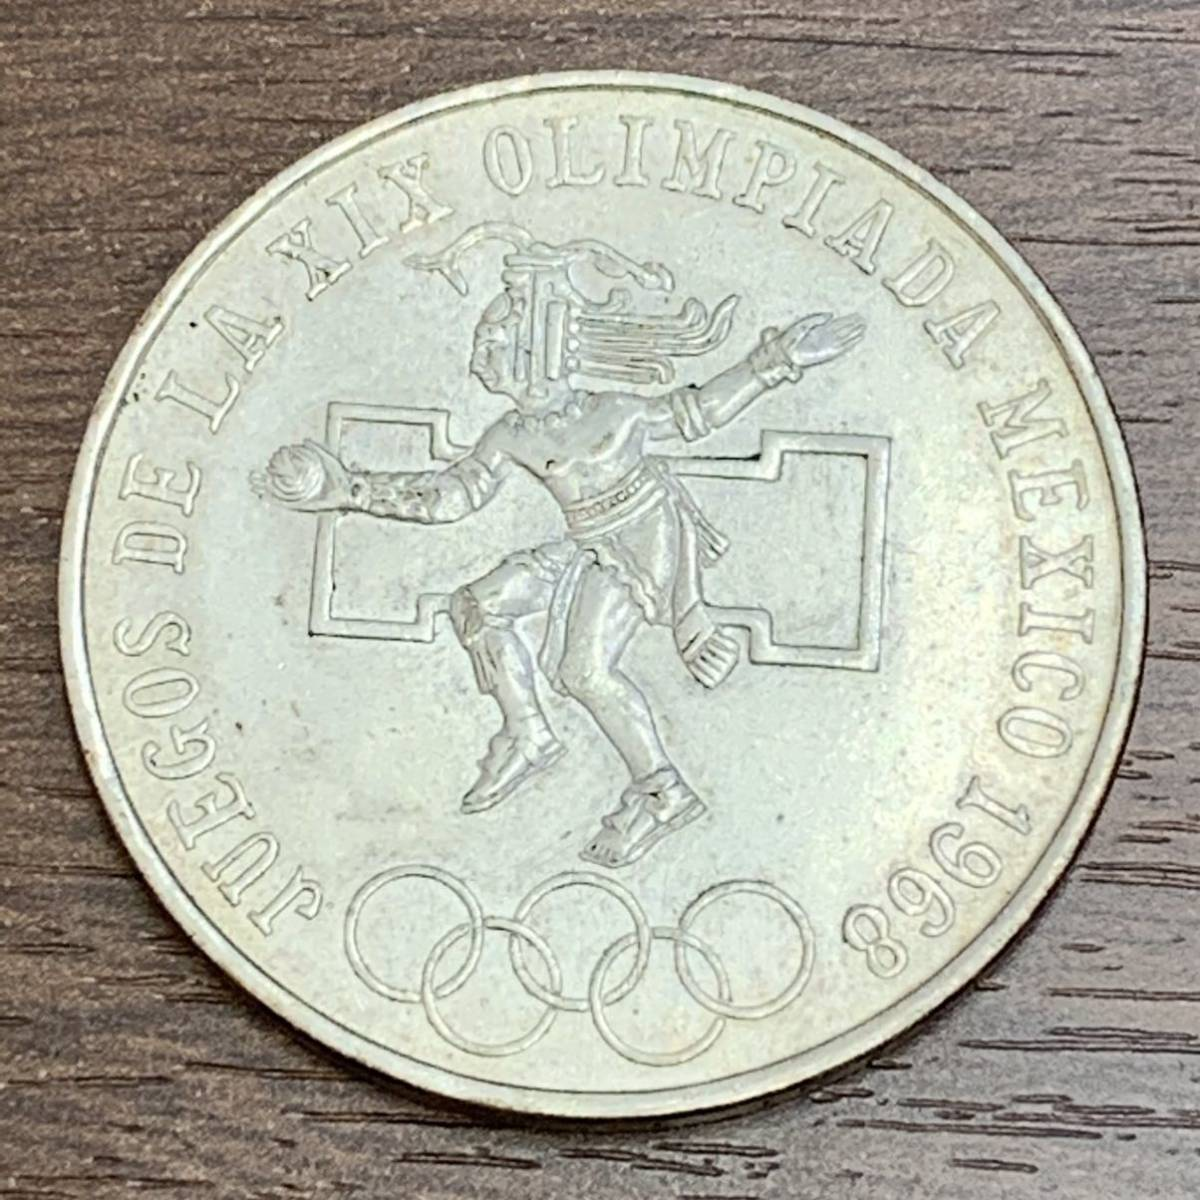 【記念硬貨】メキシコ オリンピック 1968年 コイン 25ペソ 25PESOS サボテン イーグル 鷲 銀貨 海外 外貨 貨幣 硬貨 メダル ミント 五輪